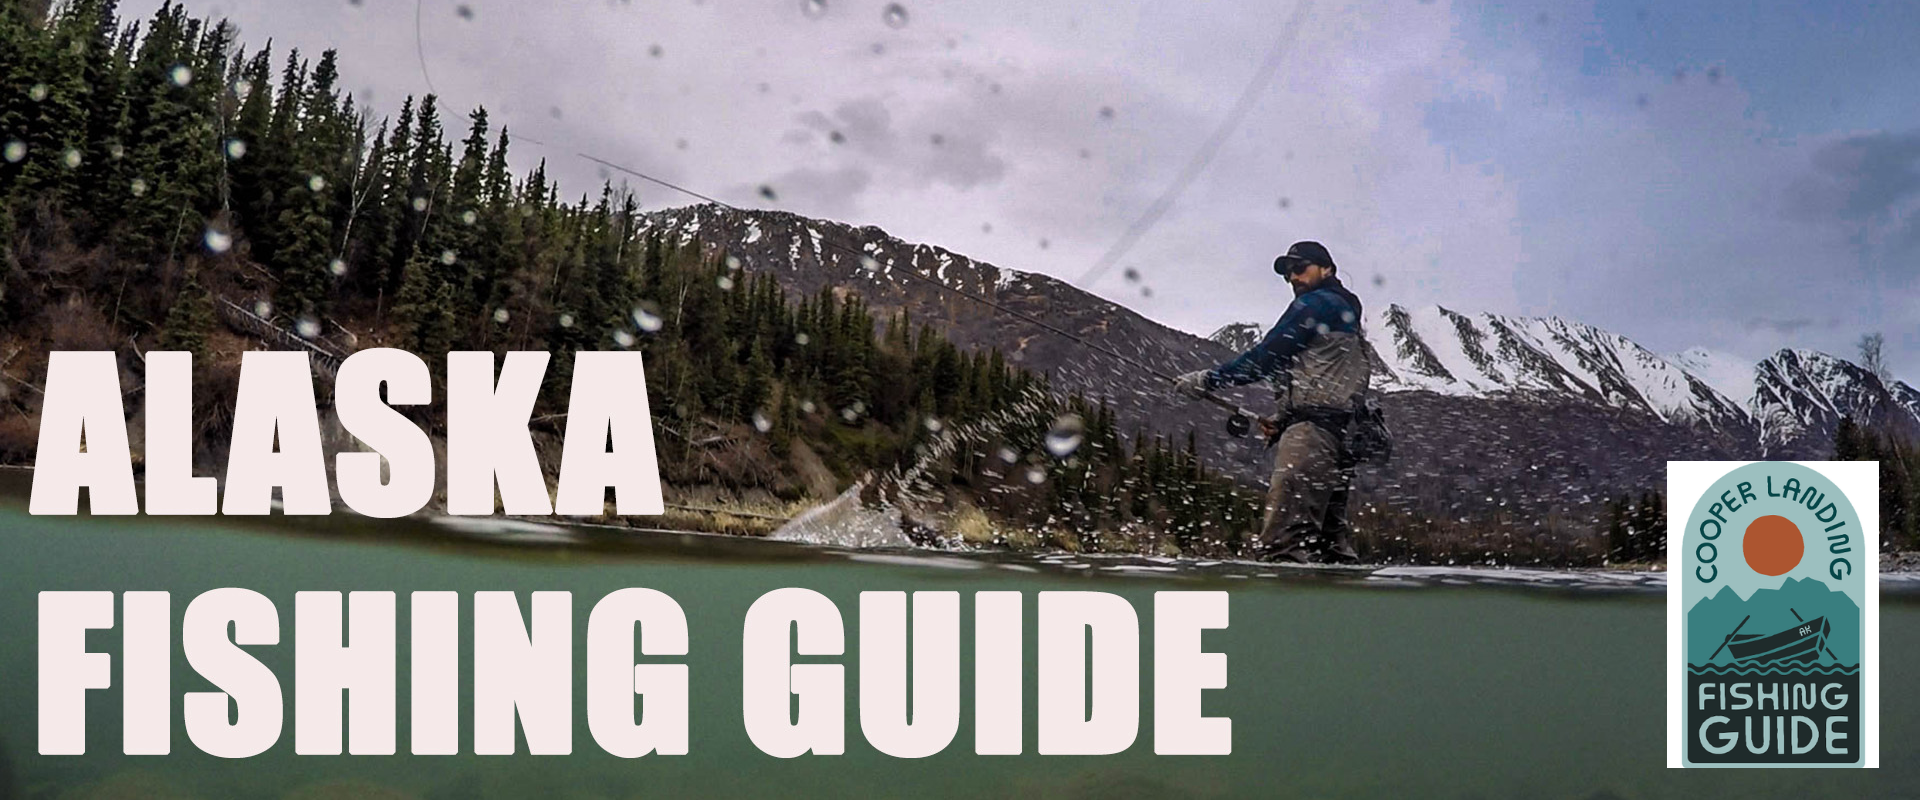 Cooper Landing Fishing Guide, LLC